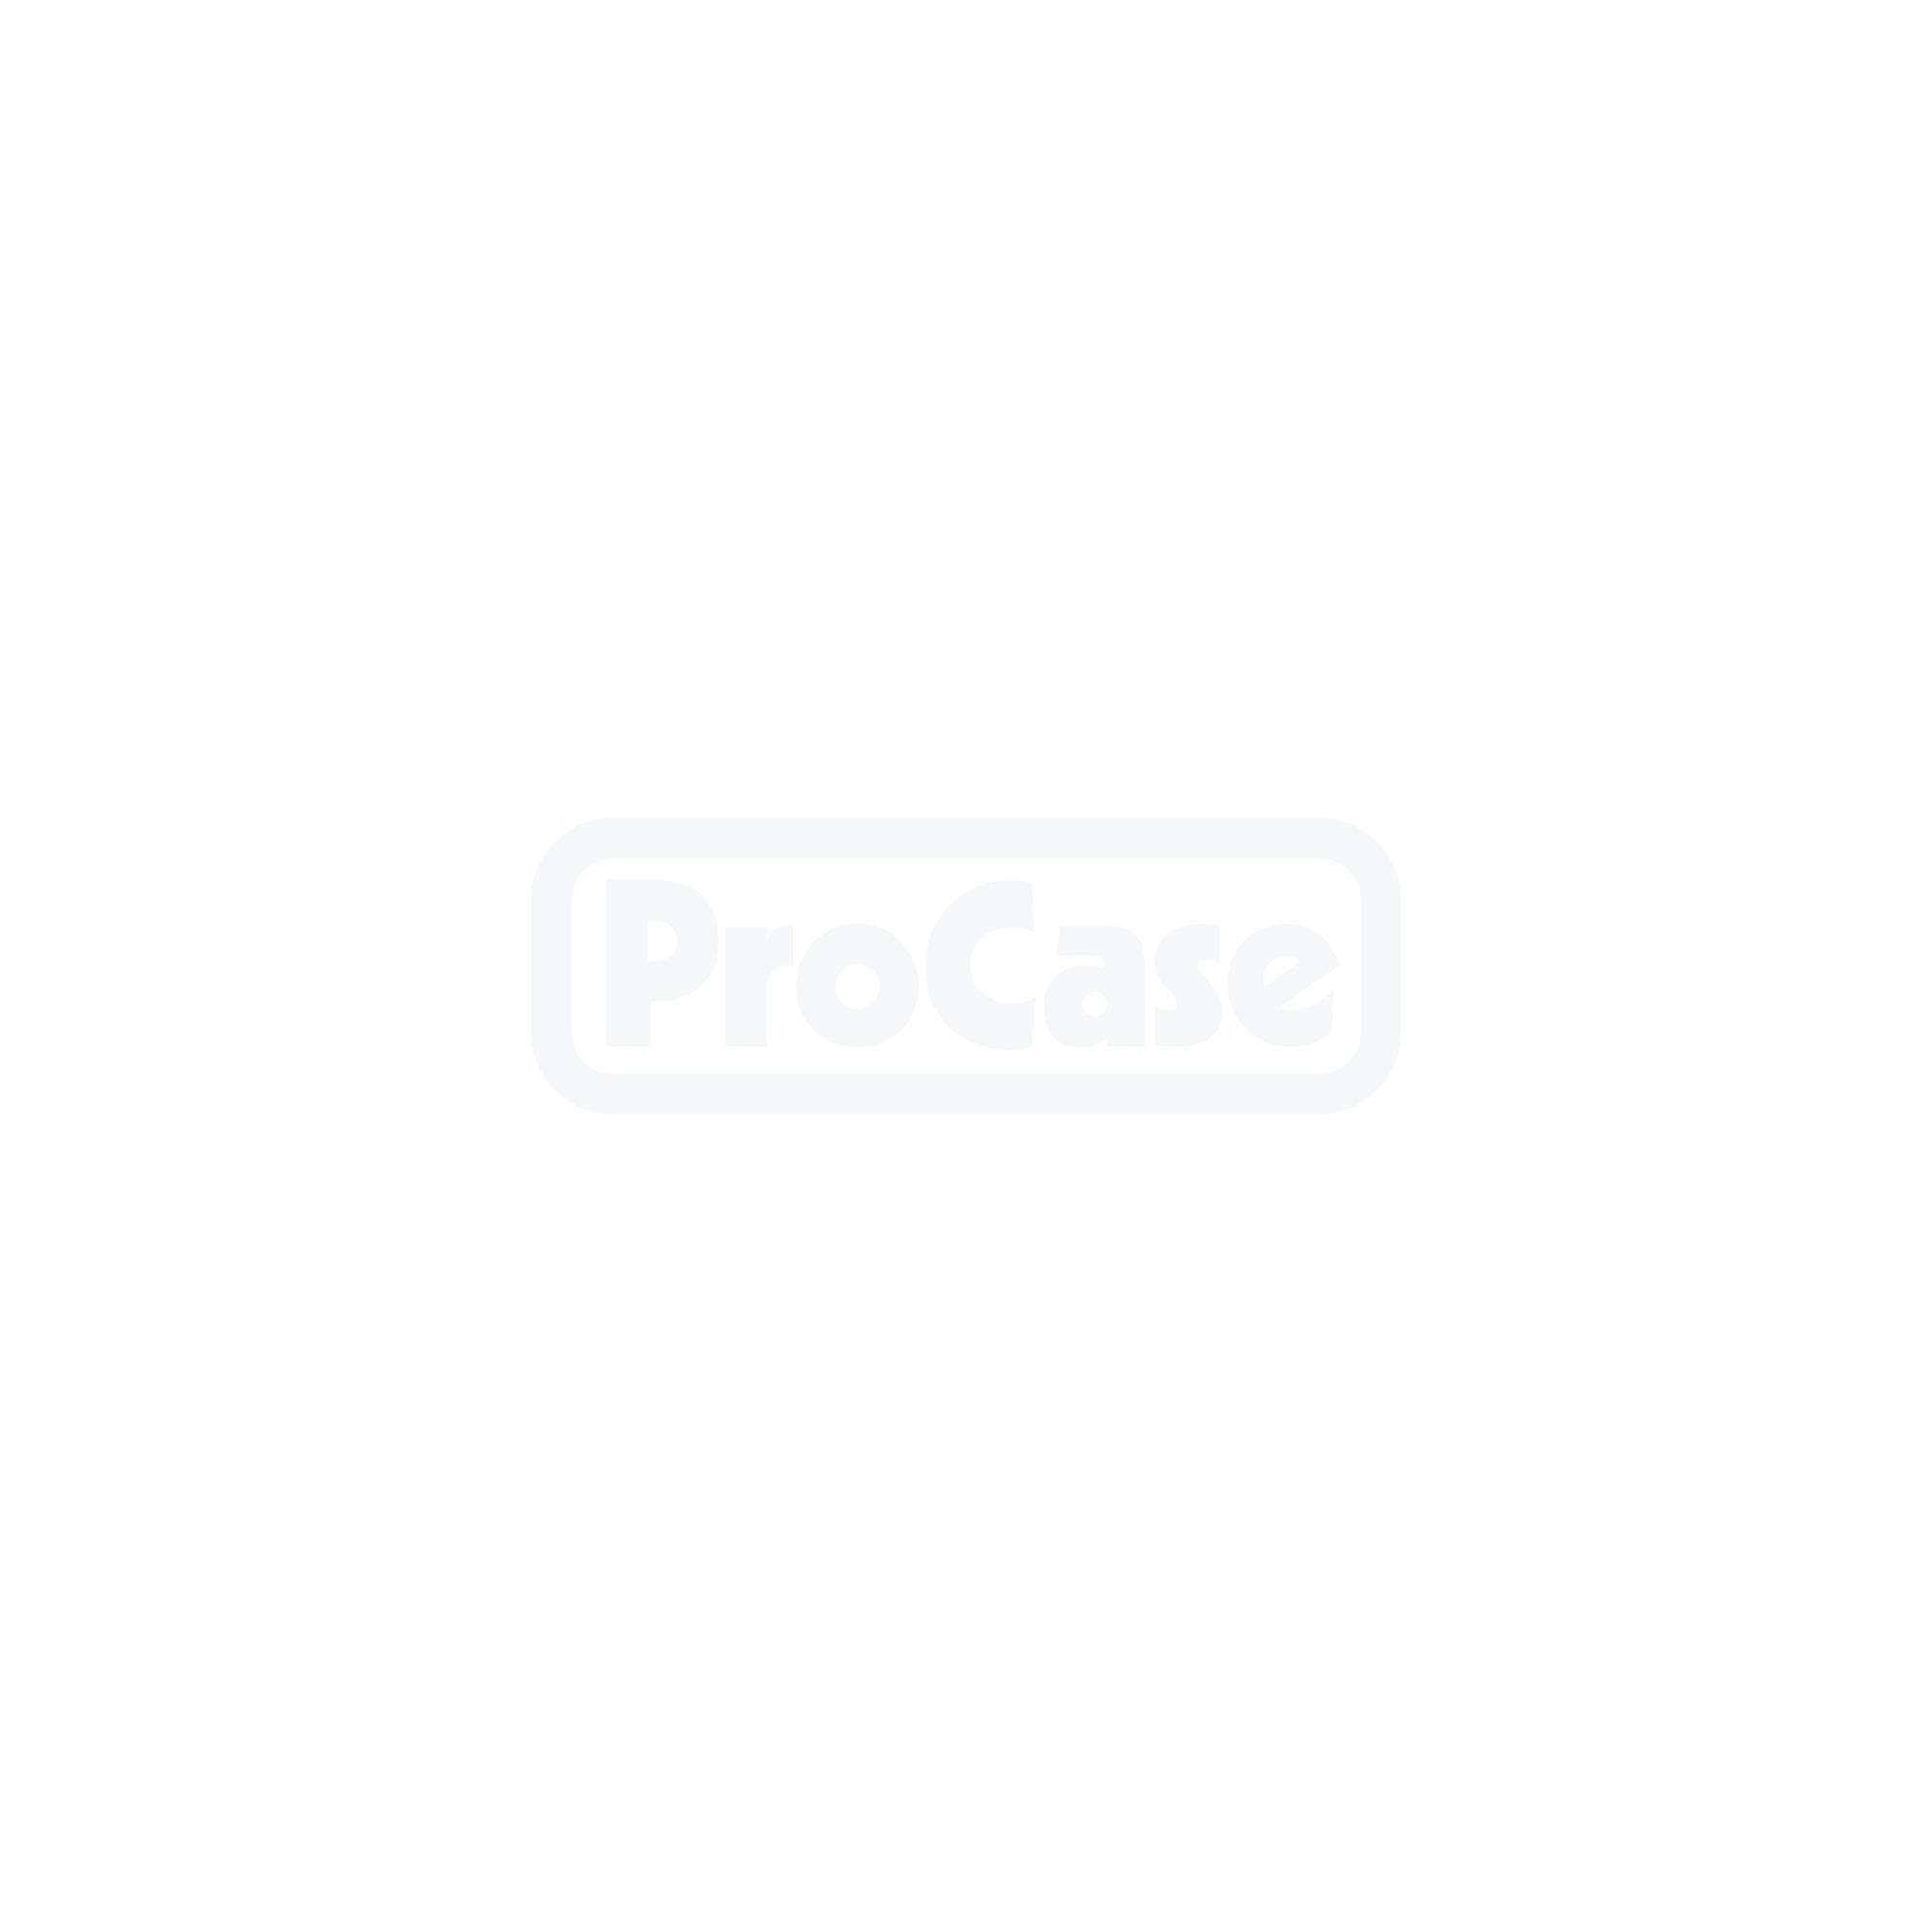 Standard-Koffer für Canon HJ11ex4.7B-IASE 3